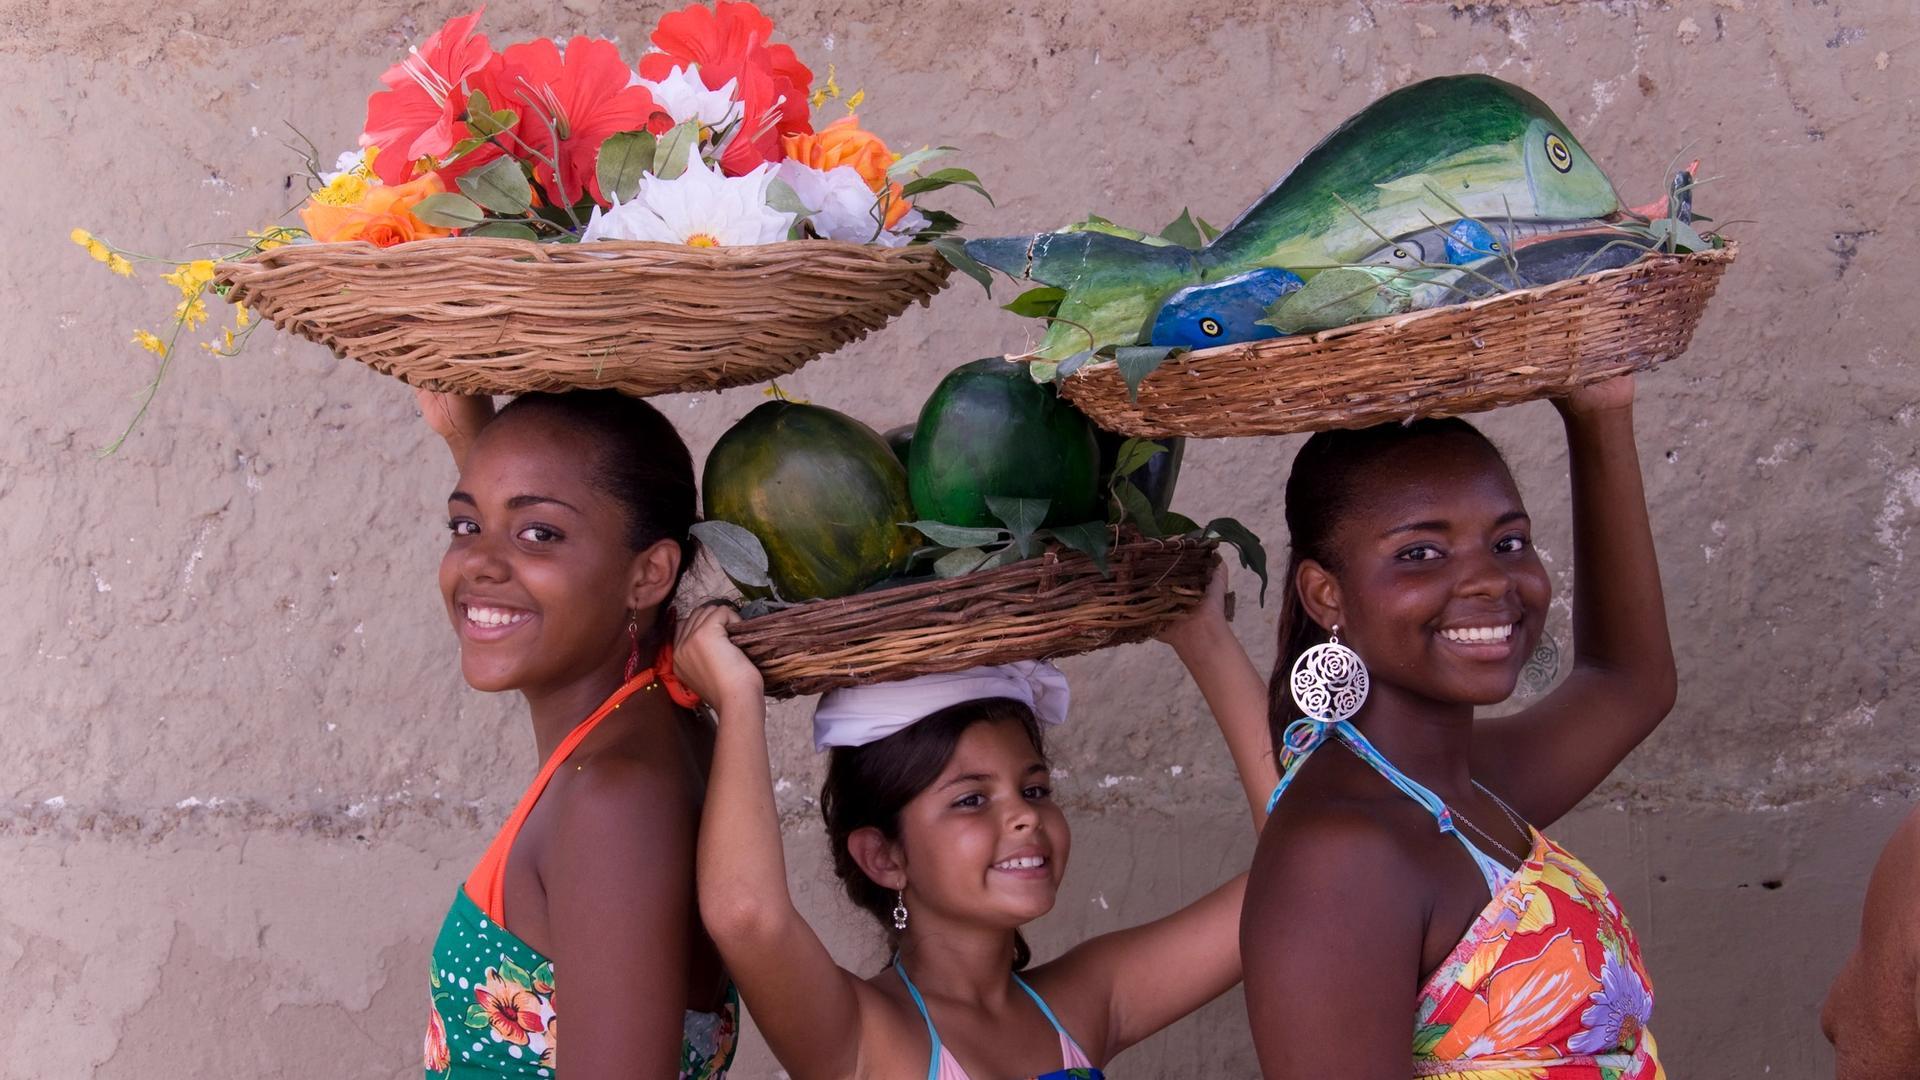 Três meninas adolescente com cestos sobre a cabeça lembram o trabalho das ganhadeiras